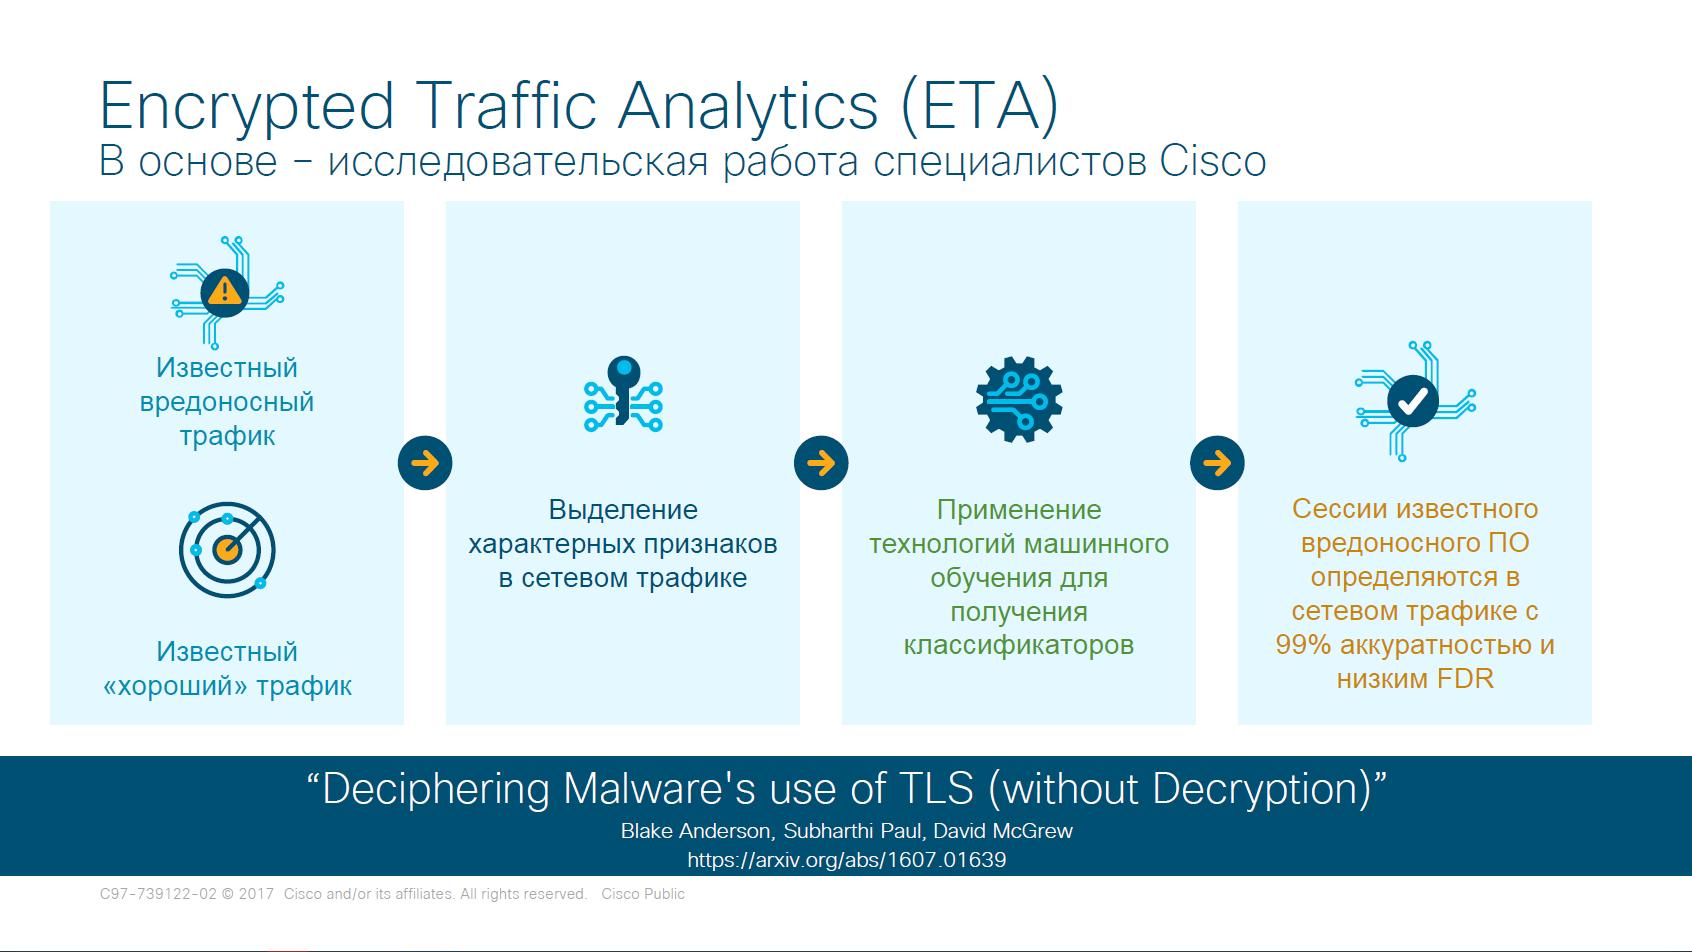 Этапы проверки трафика в ETA